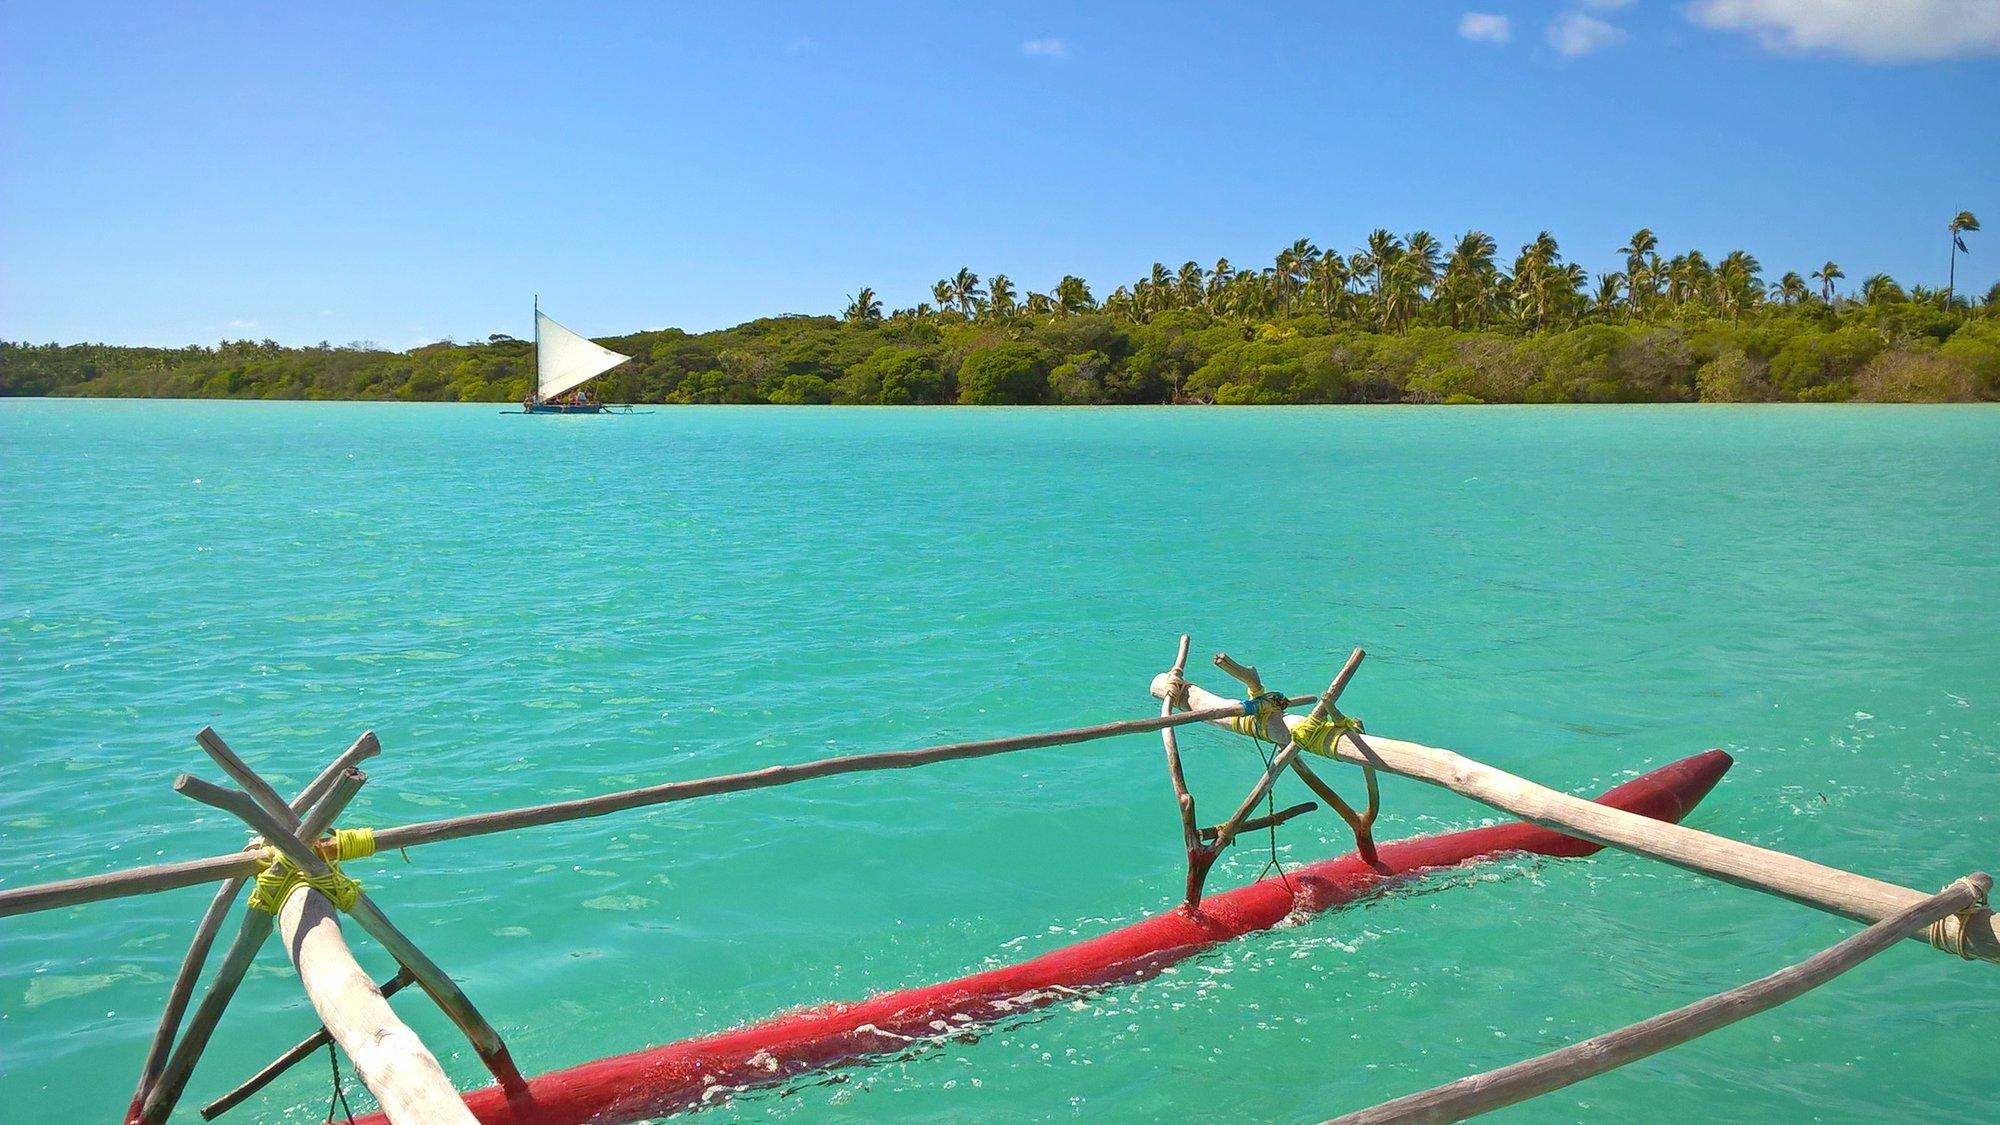 туристы могут наслаждаться плаванием на паруснике